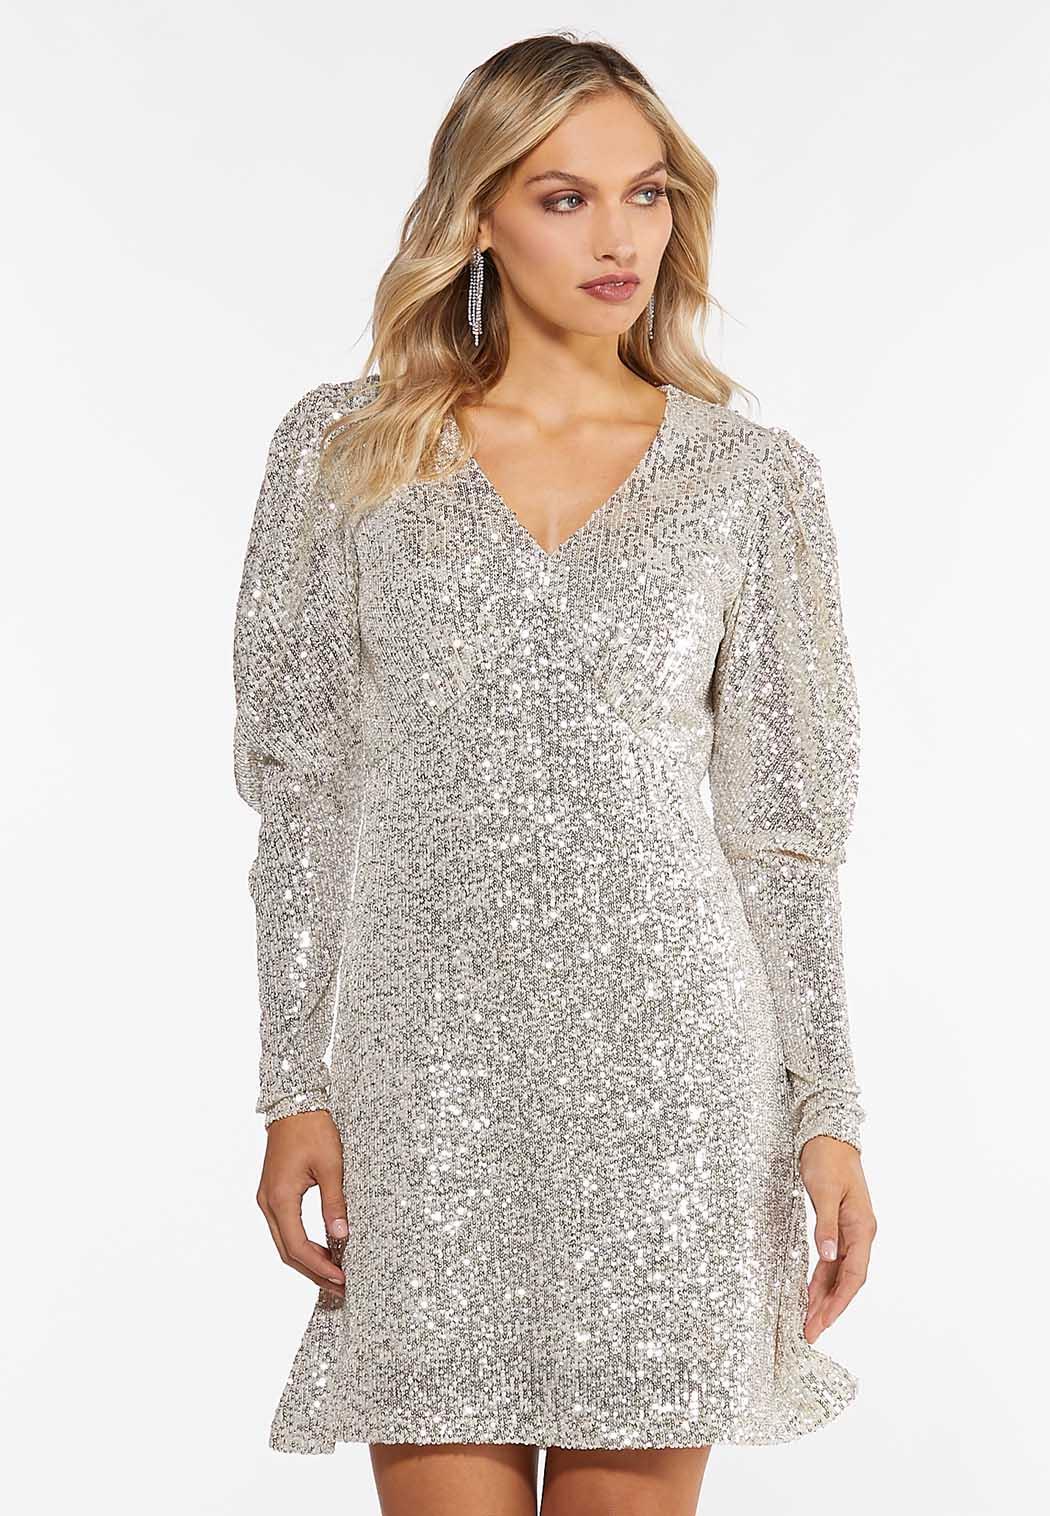 Sequin Puff Sleeve Dress